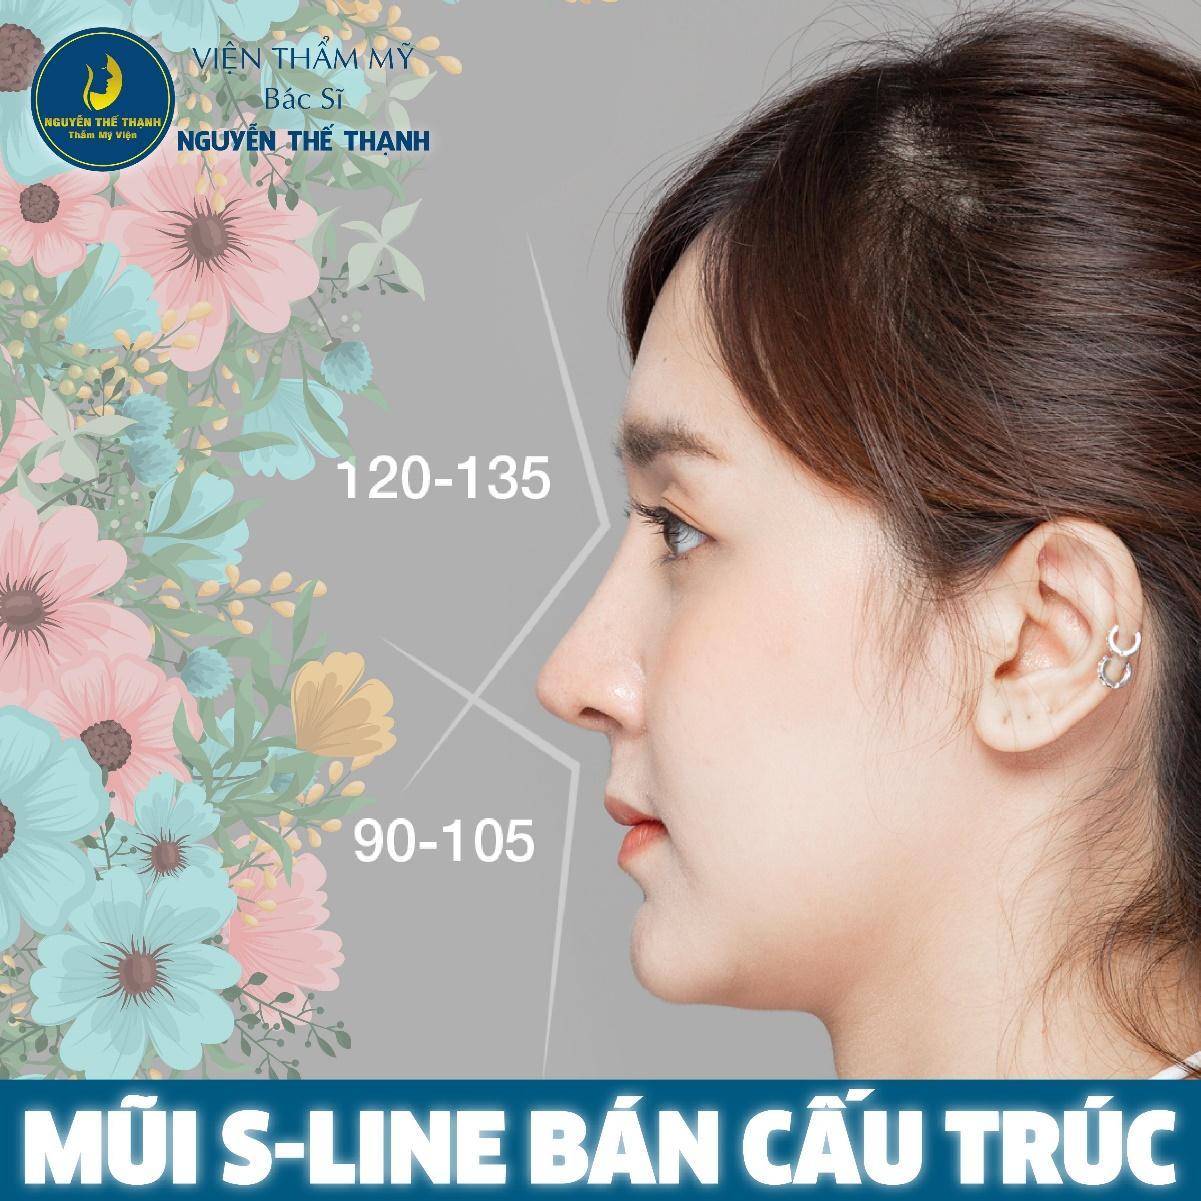 Nâng mũi S-line bán cấu trúc - Mũi đẹp thanh tao - Ảnh 1